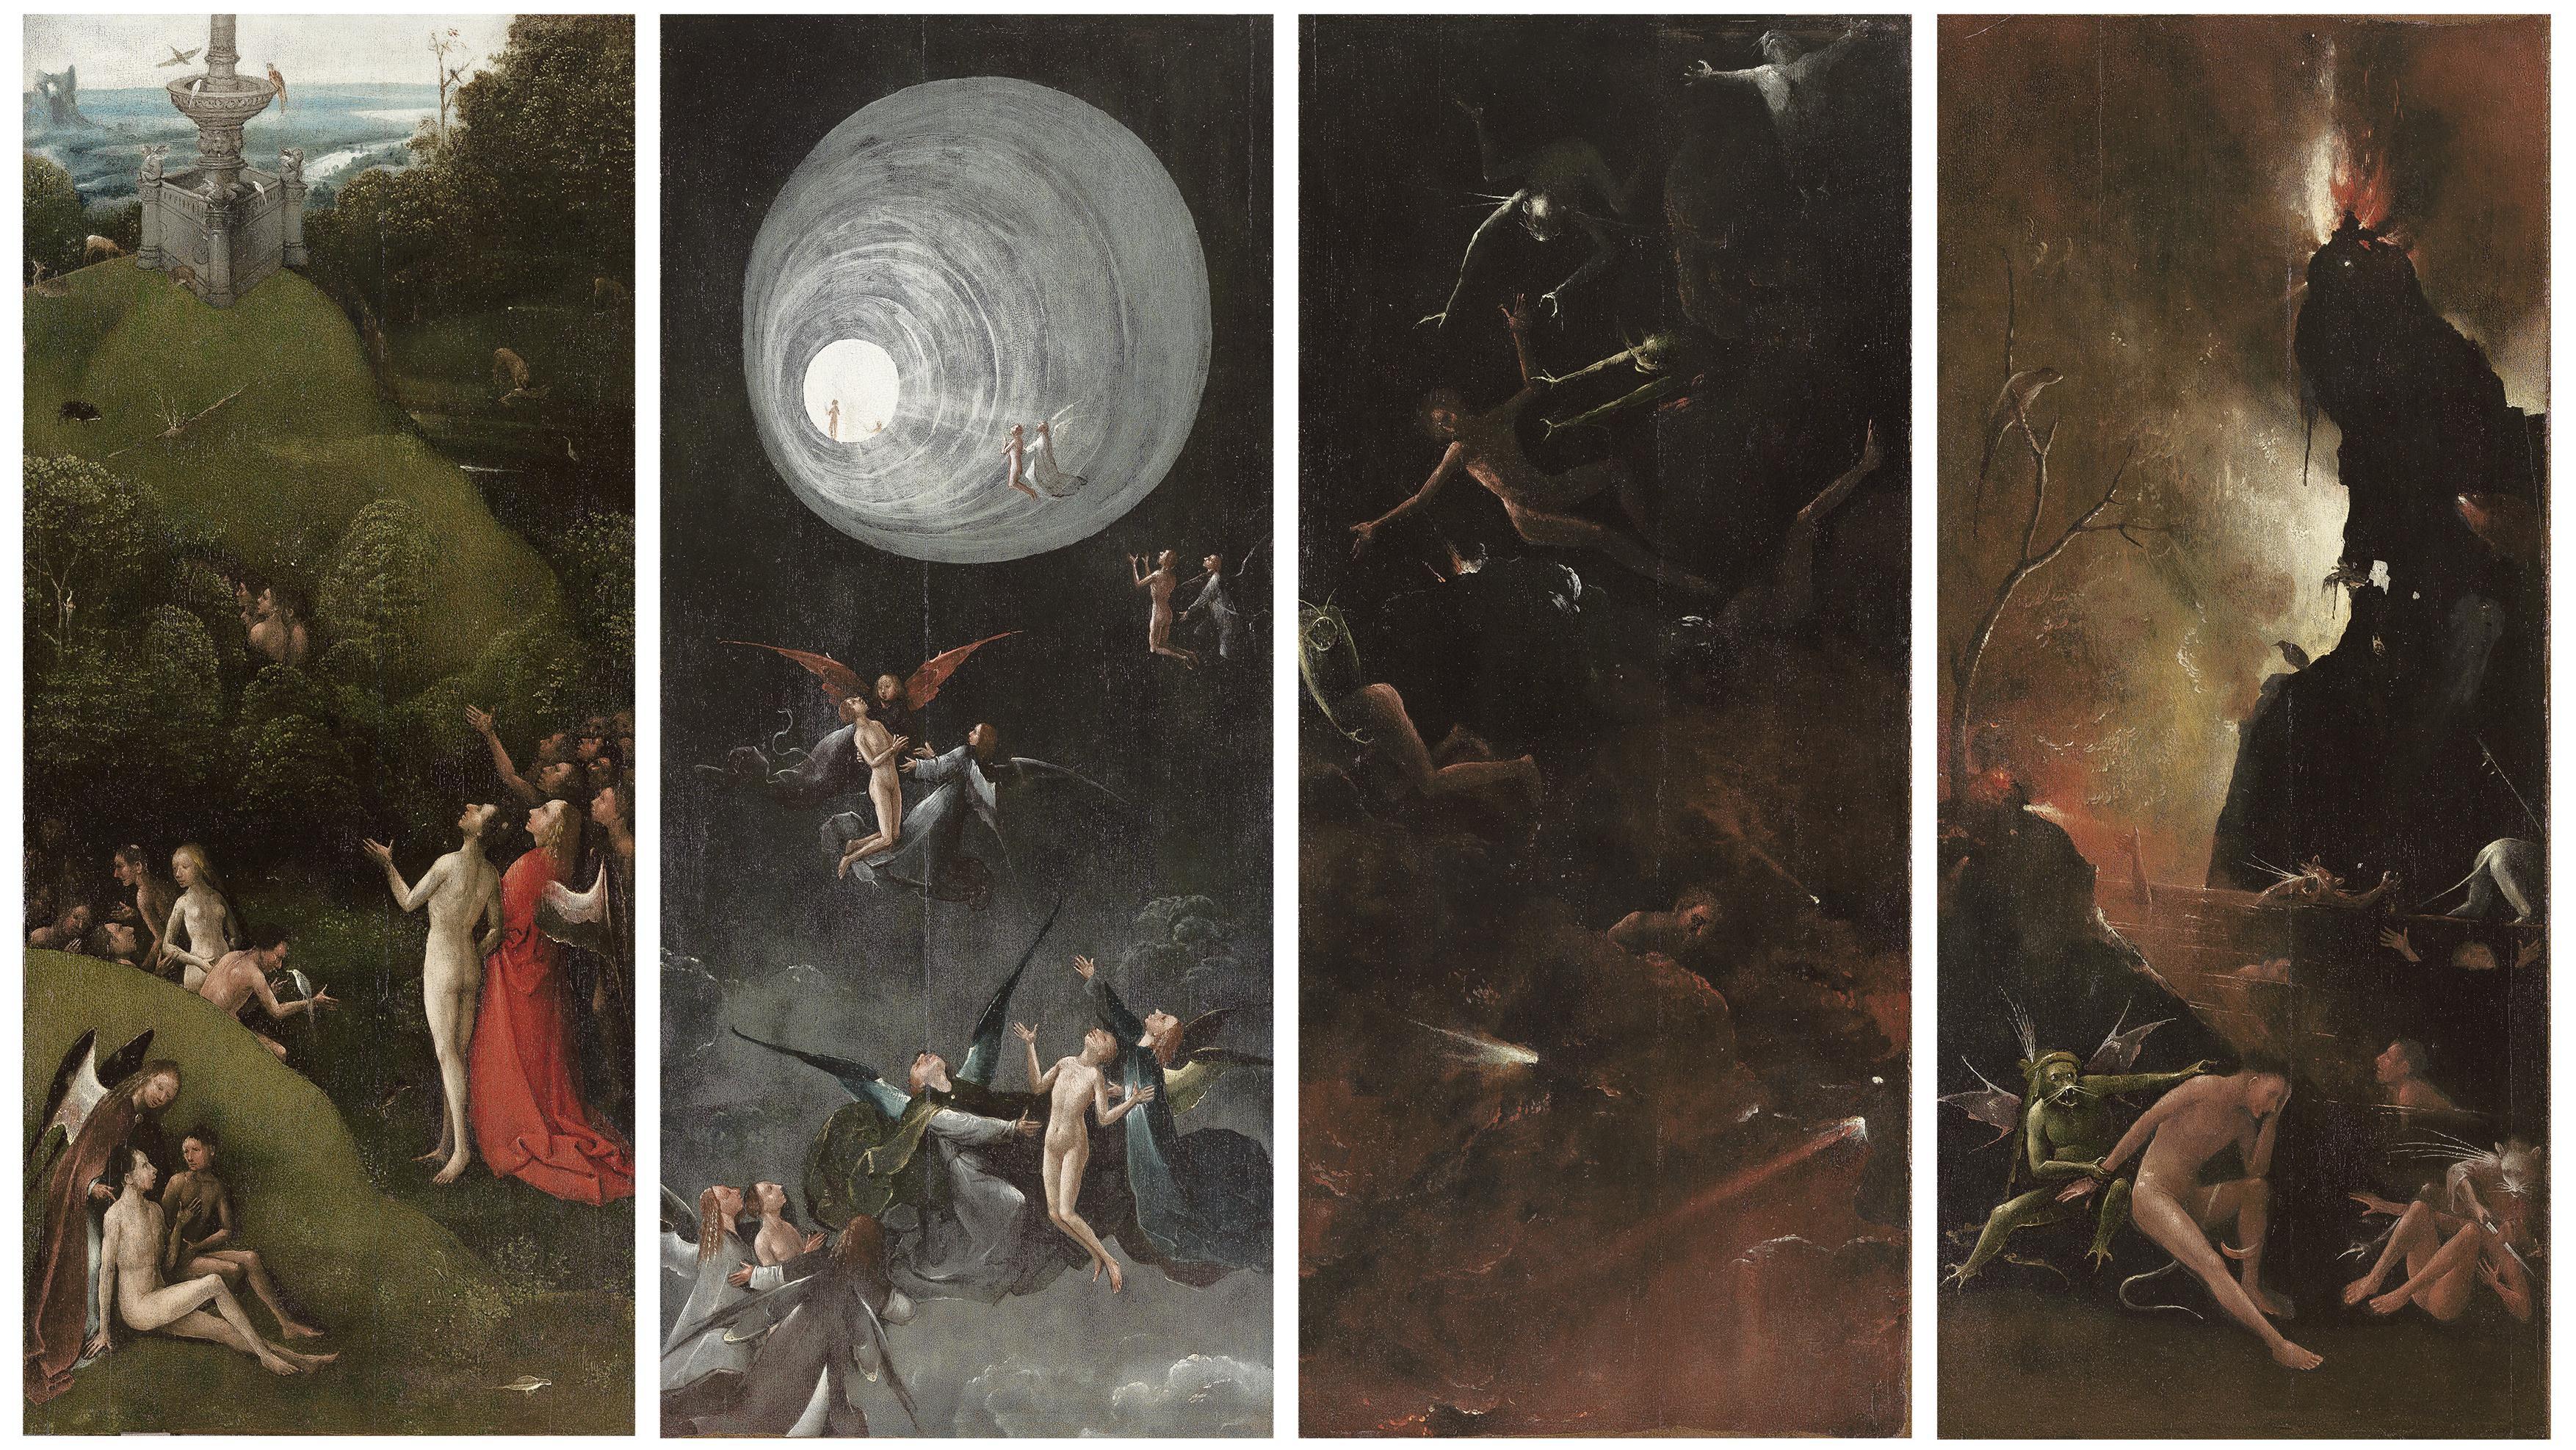 Boschs Visionen vom Jenseits